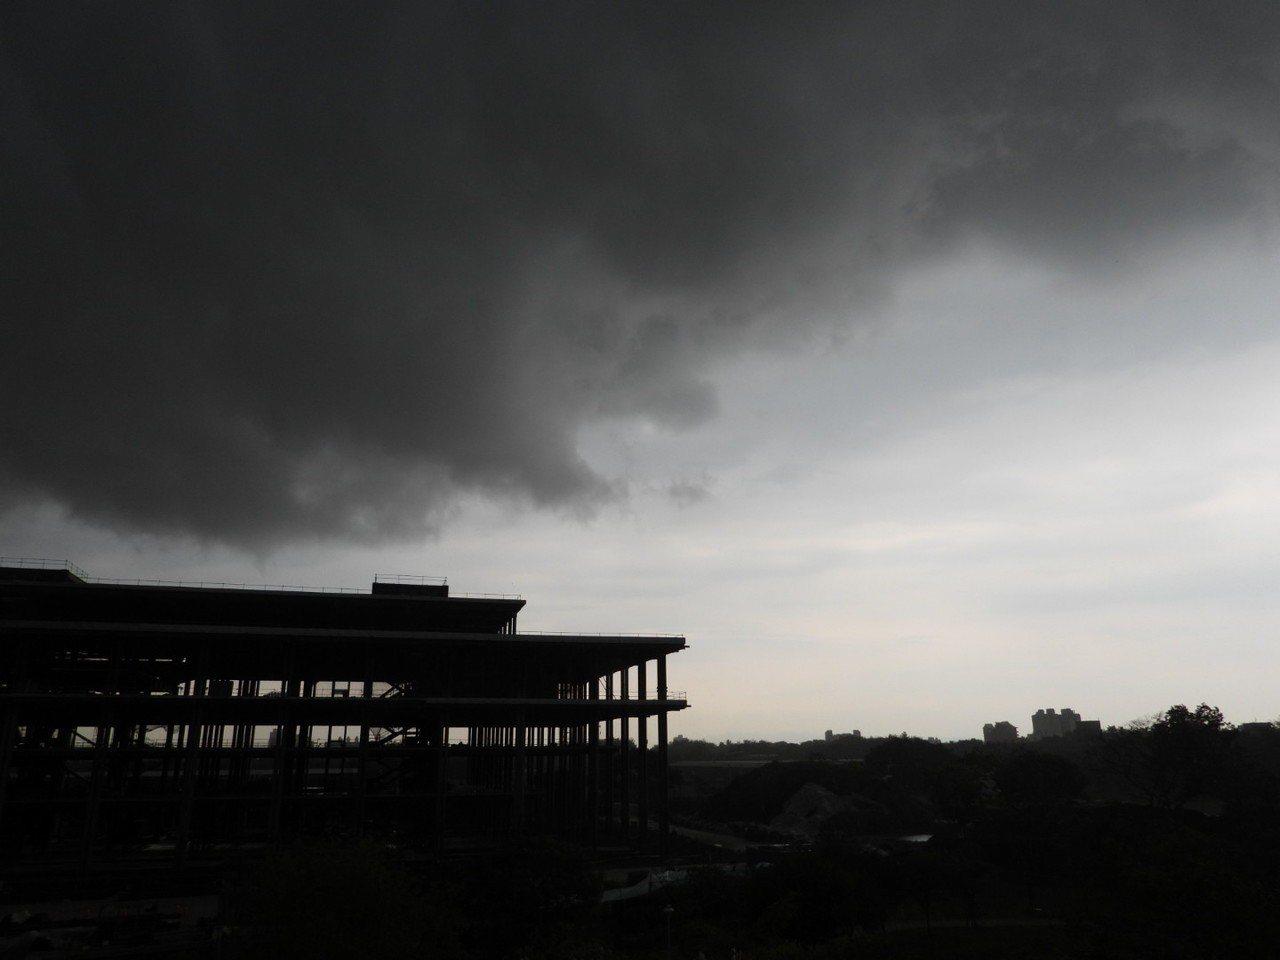 台南永康上空下午大片烏雲遮蔽天空,一陣雷響後下起大雨。記者周宗禎/攝影